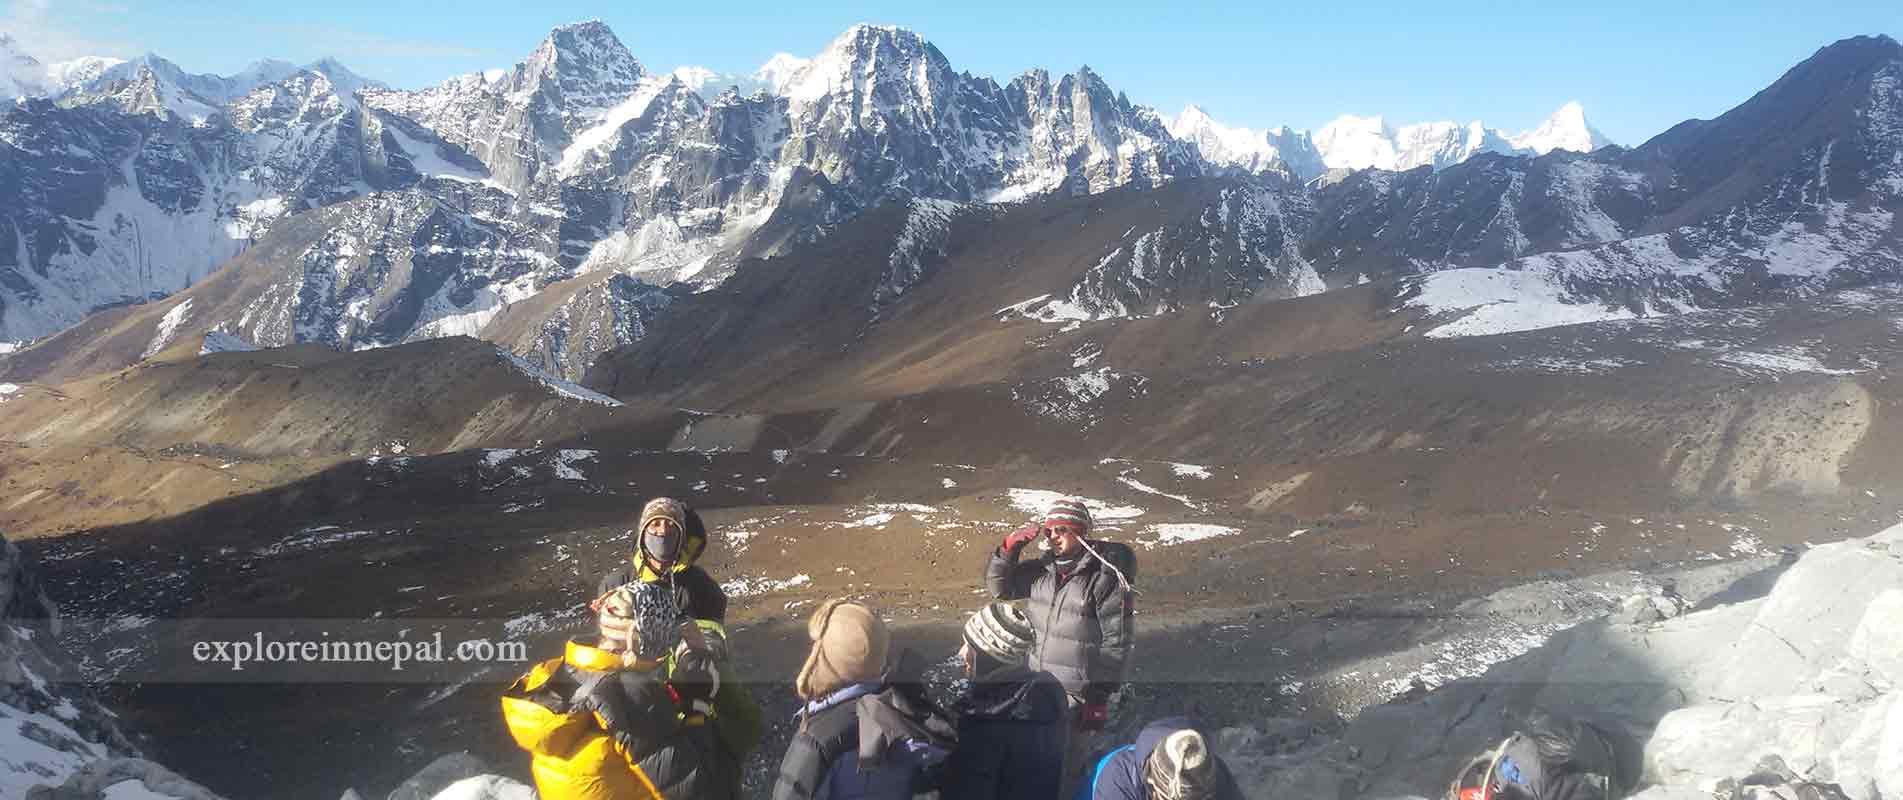 trekking-in-three-high-pass